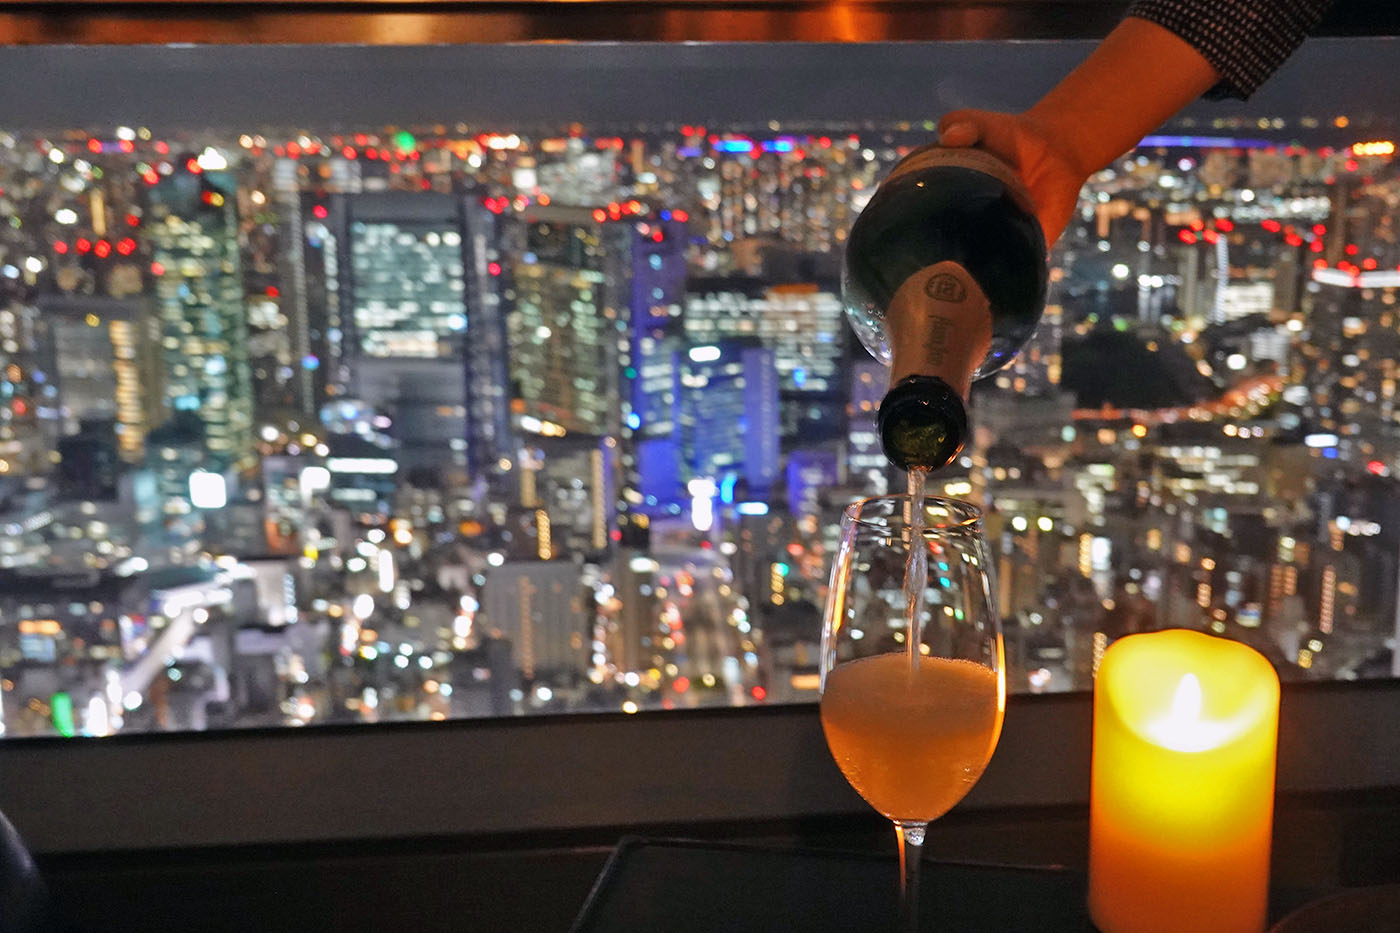 アンダーズ東京シャンパンフリーフロー2